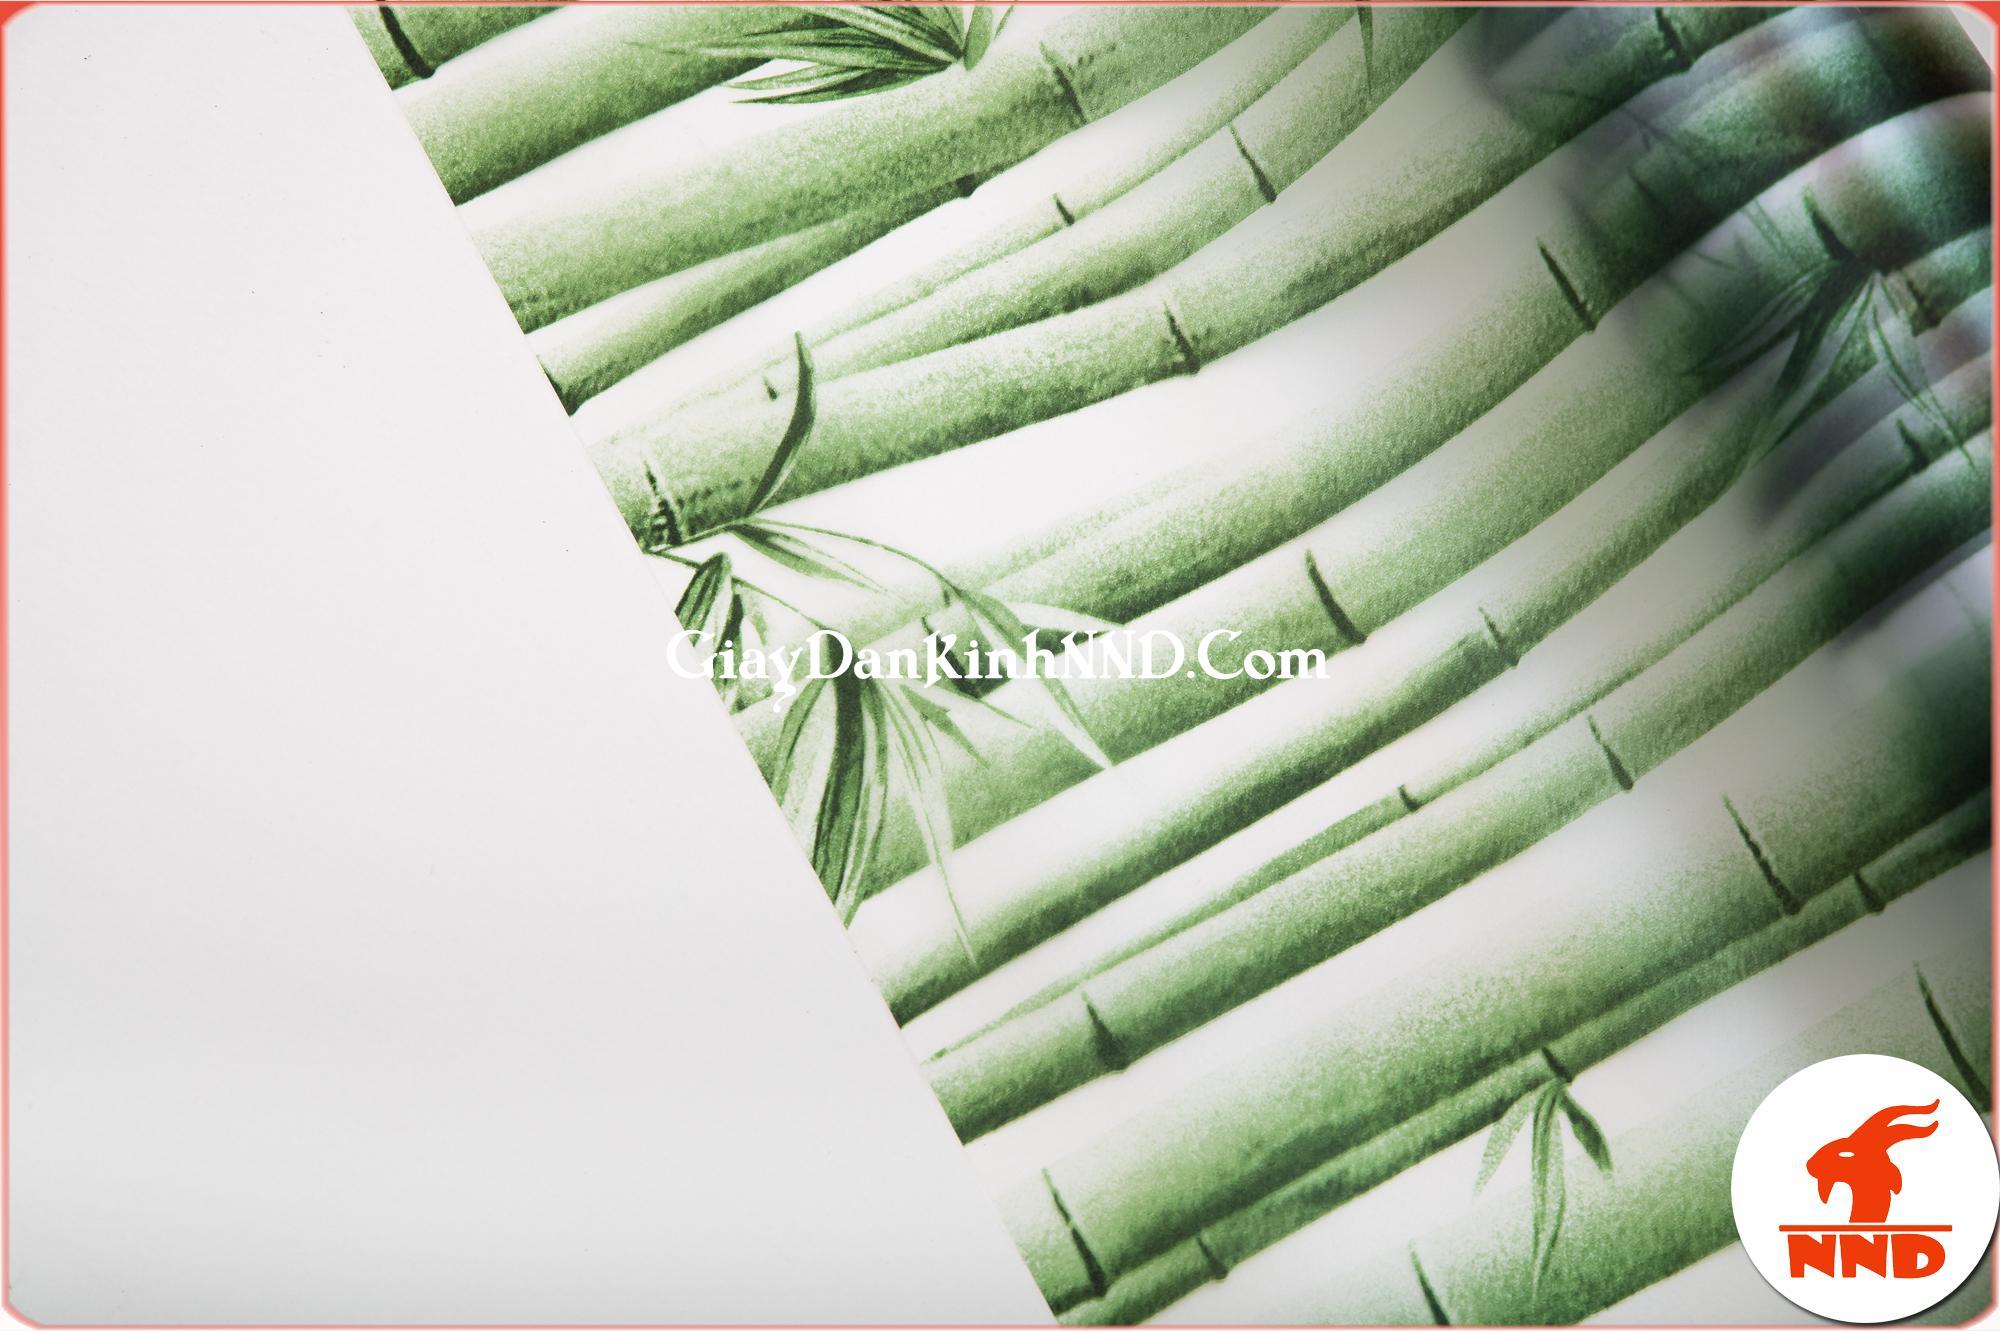 Mẫu giấy dán kính hoa văn hình cây trúc xanh vô cùng bắt mắt